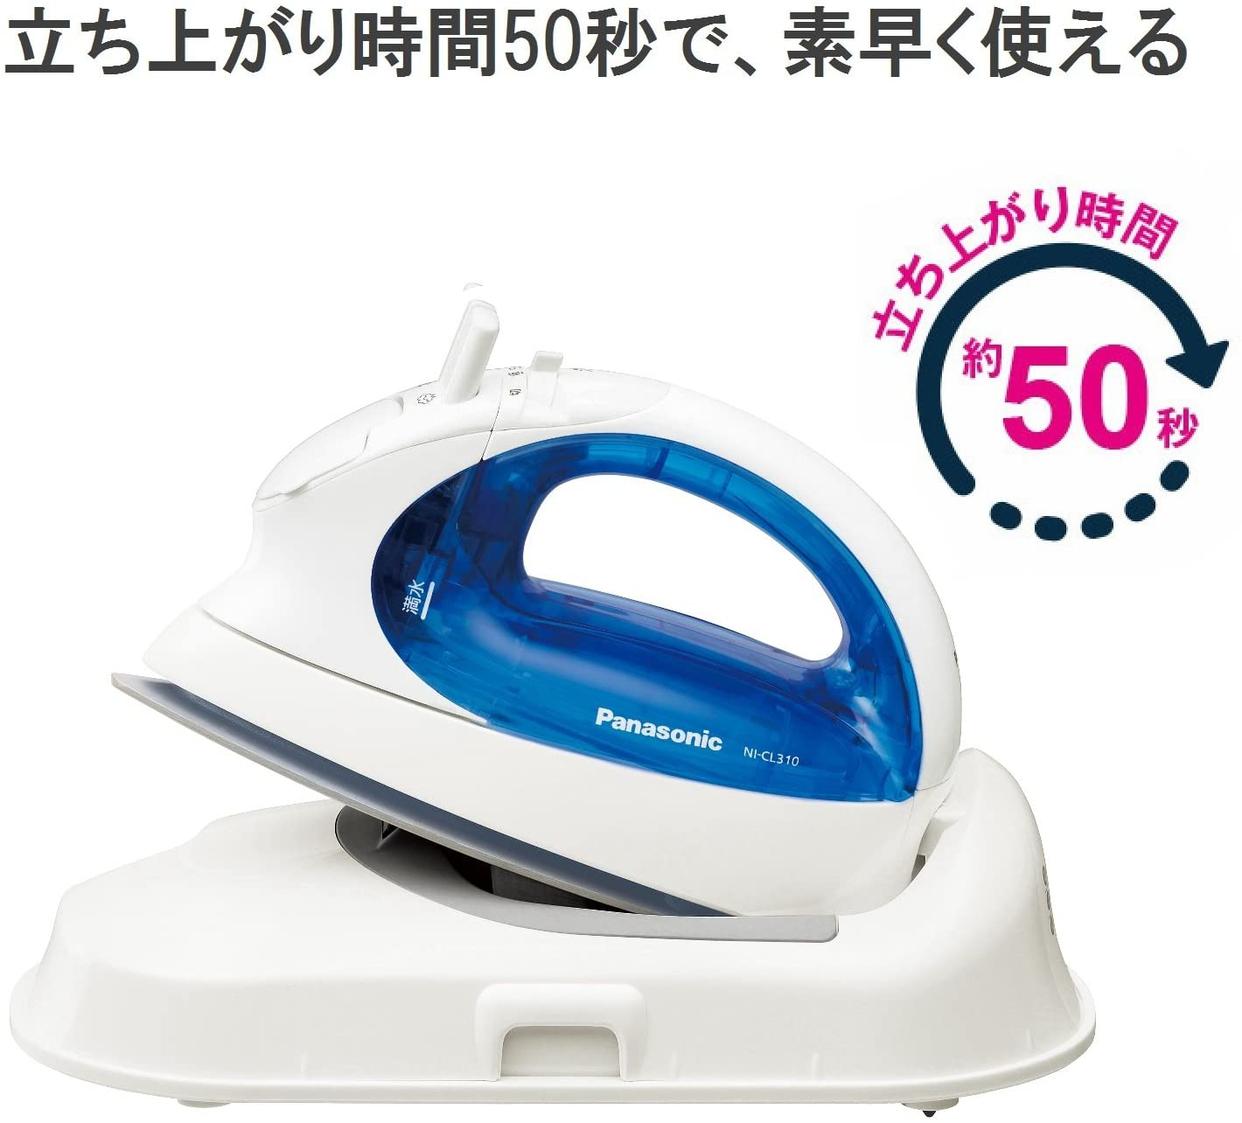 Panasonic(パナソニック) コードレススチームアイロン NI-CL310の商品画像4